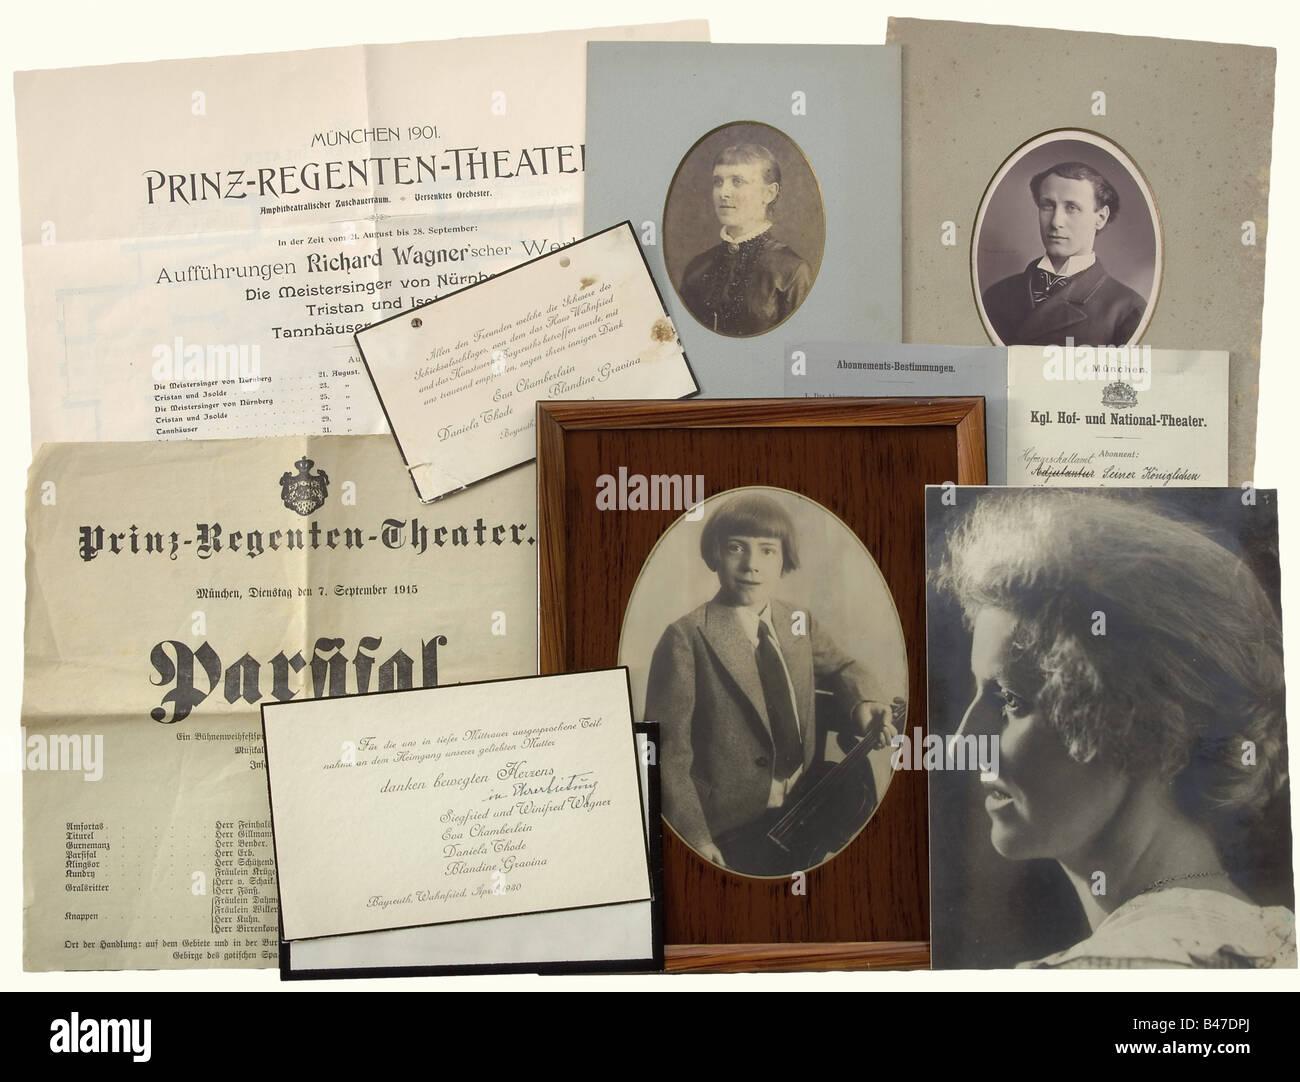 Briefe Von Wagner : Cosima stockfotos bilder seite alamy